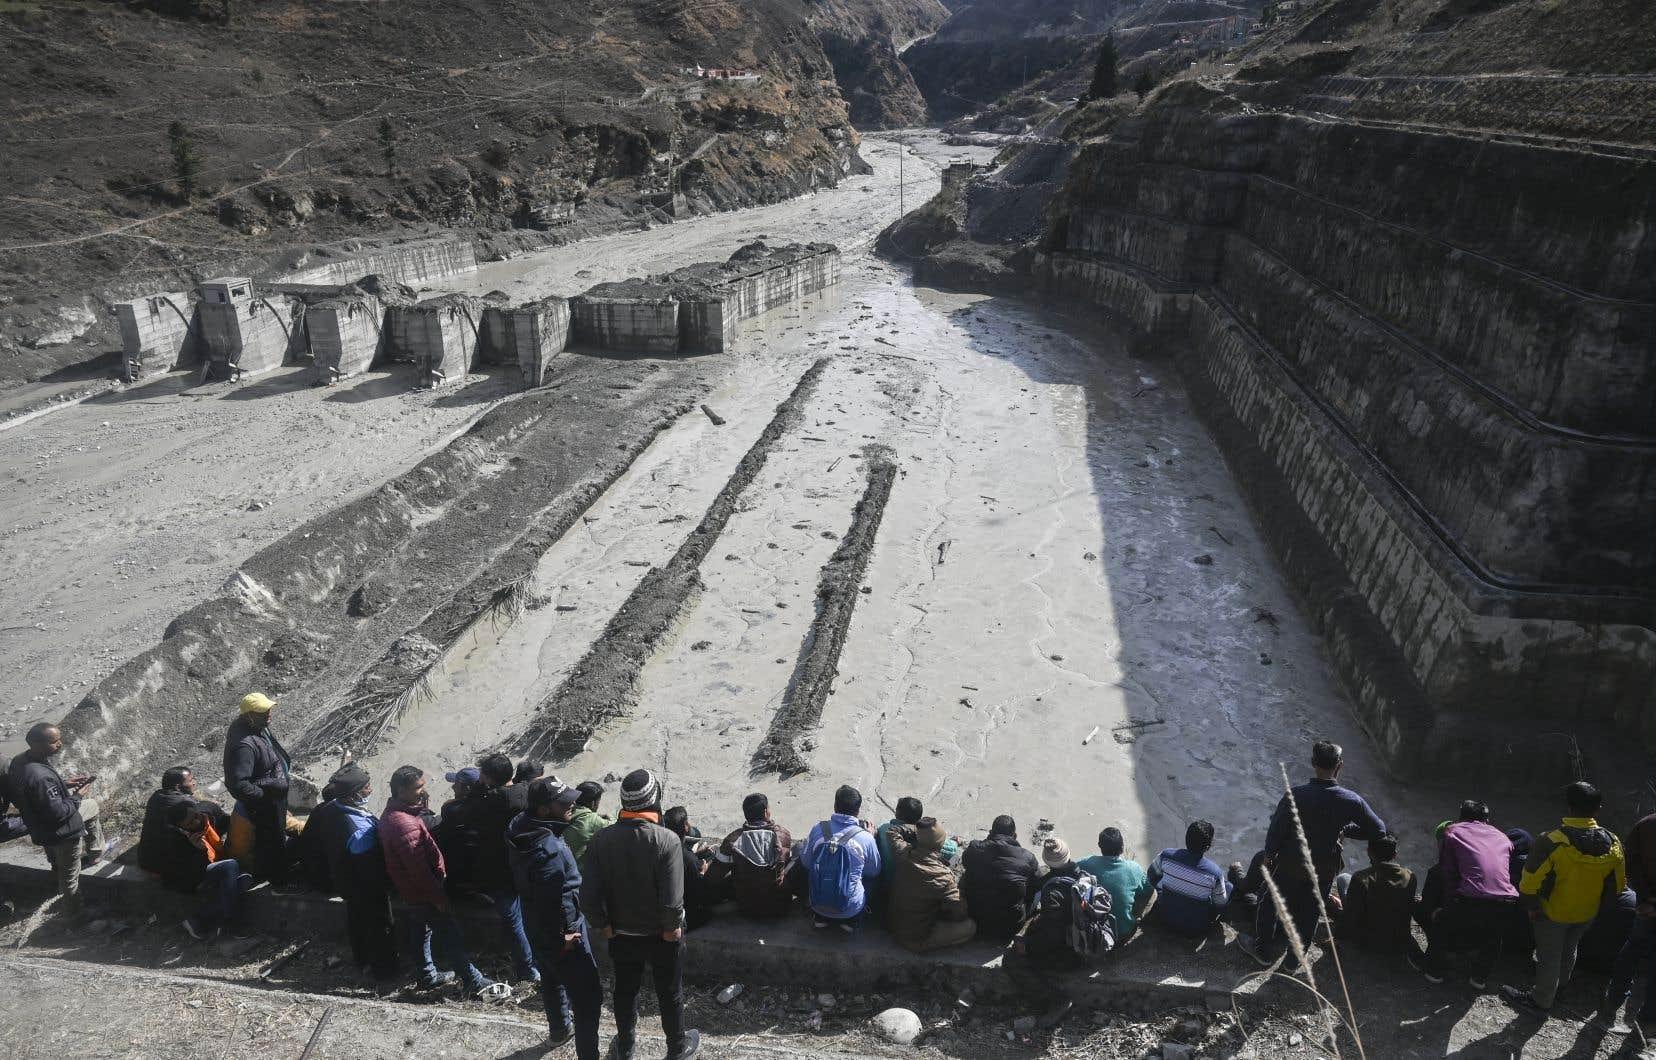 Les sauveteurs redoublaient d'efforts pour tenter de sauver les 34 employés de centrales hydrauliques, bloqués dans un tunnel depuis la catastrophe.